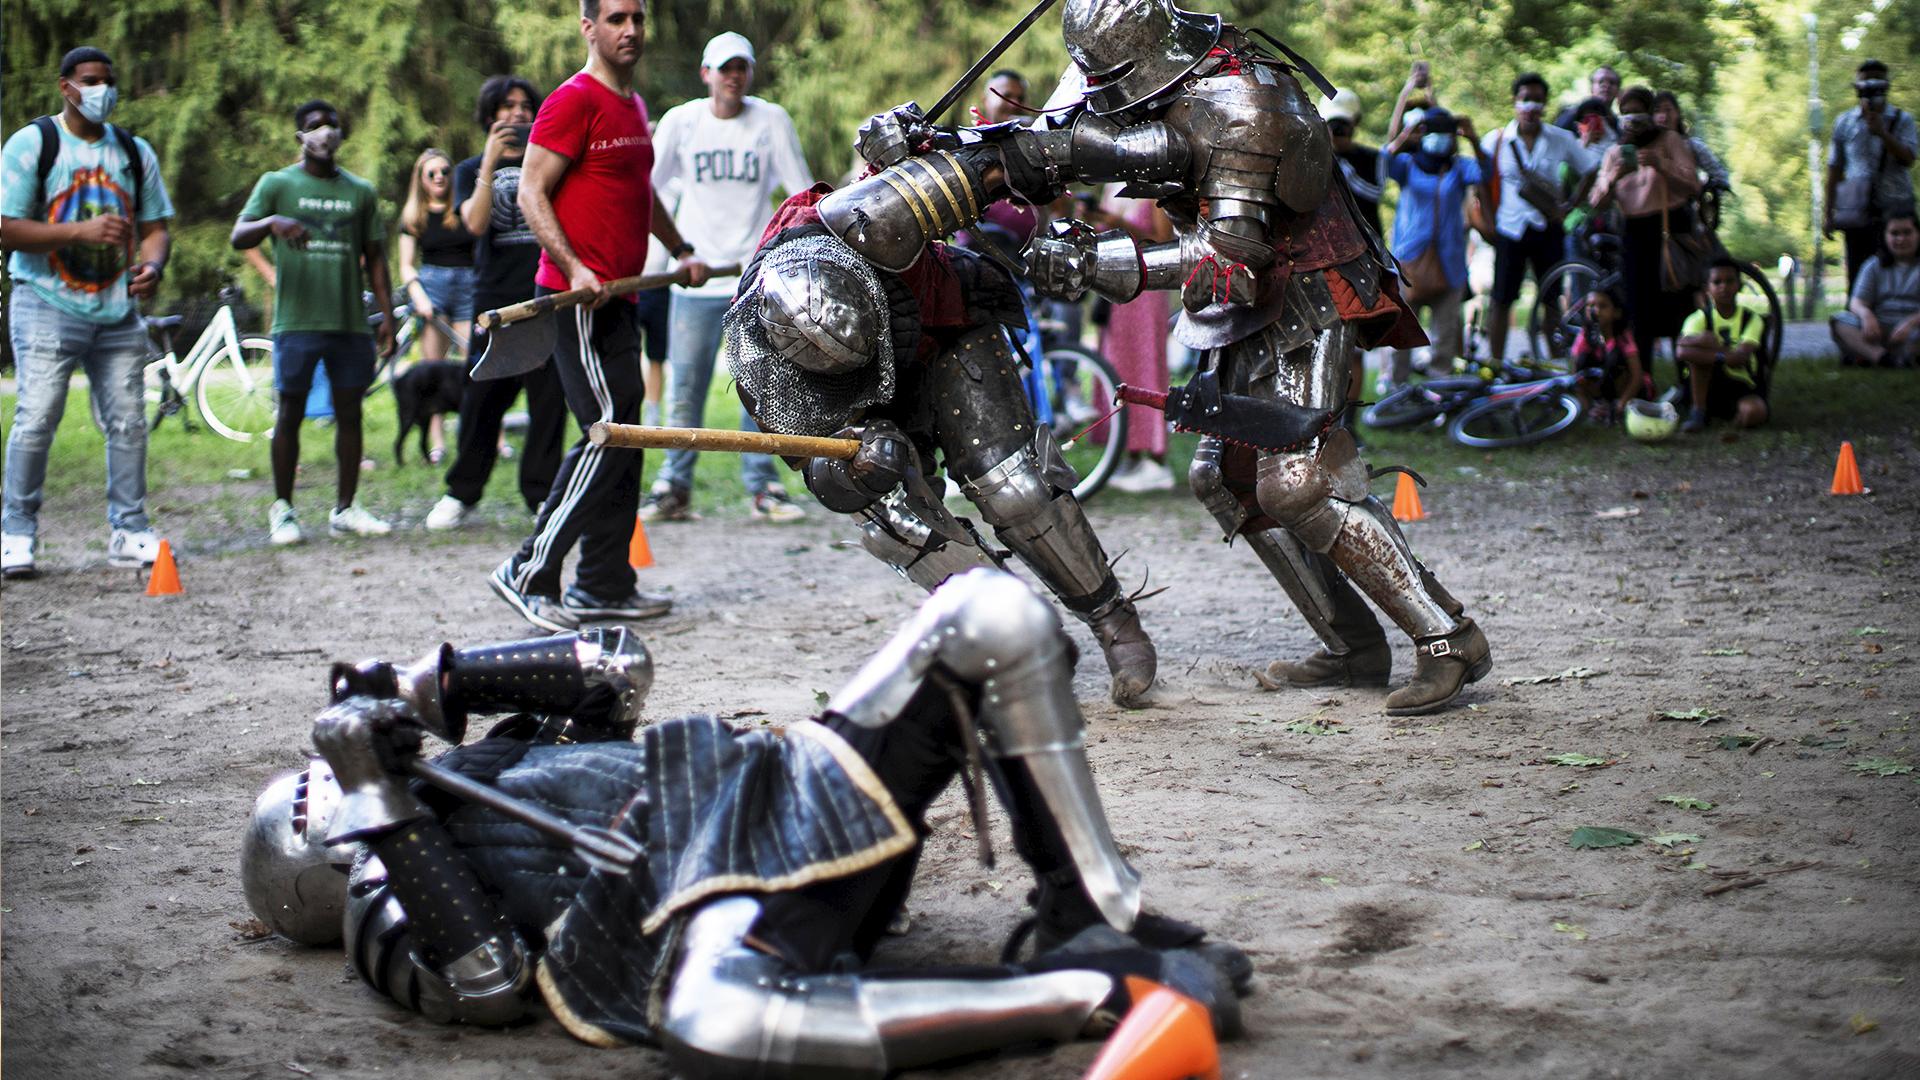 Гладиаторы в доспехах появились в Центральном парке Нью-Йорка